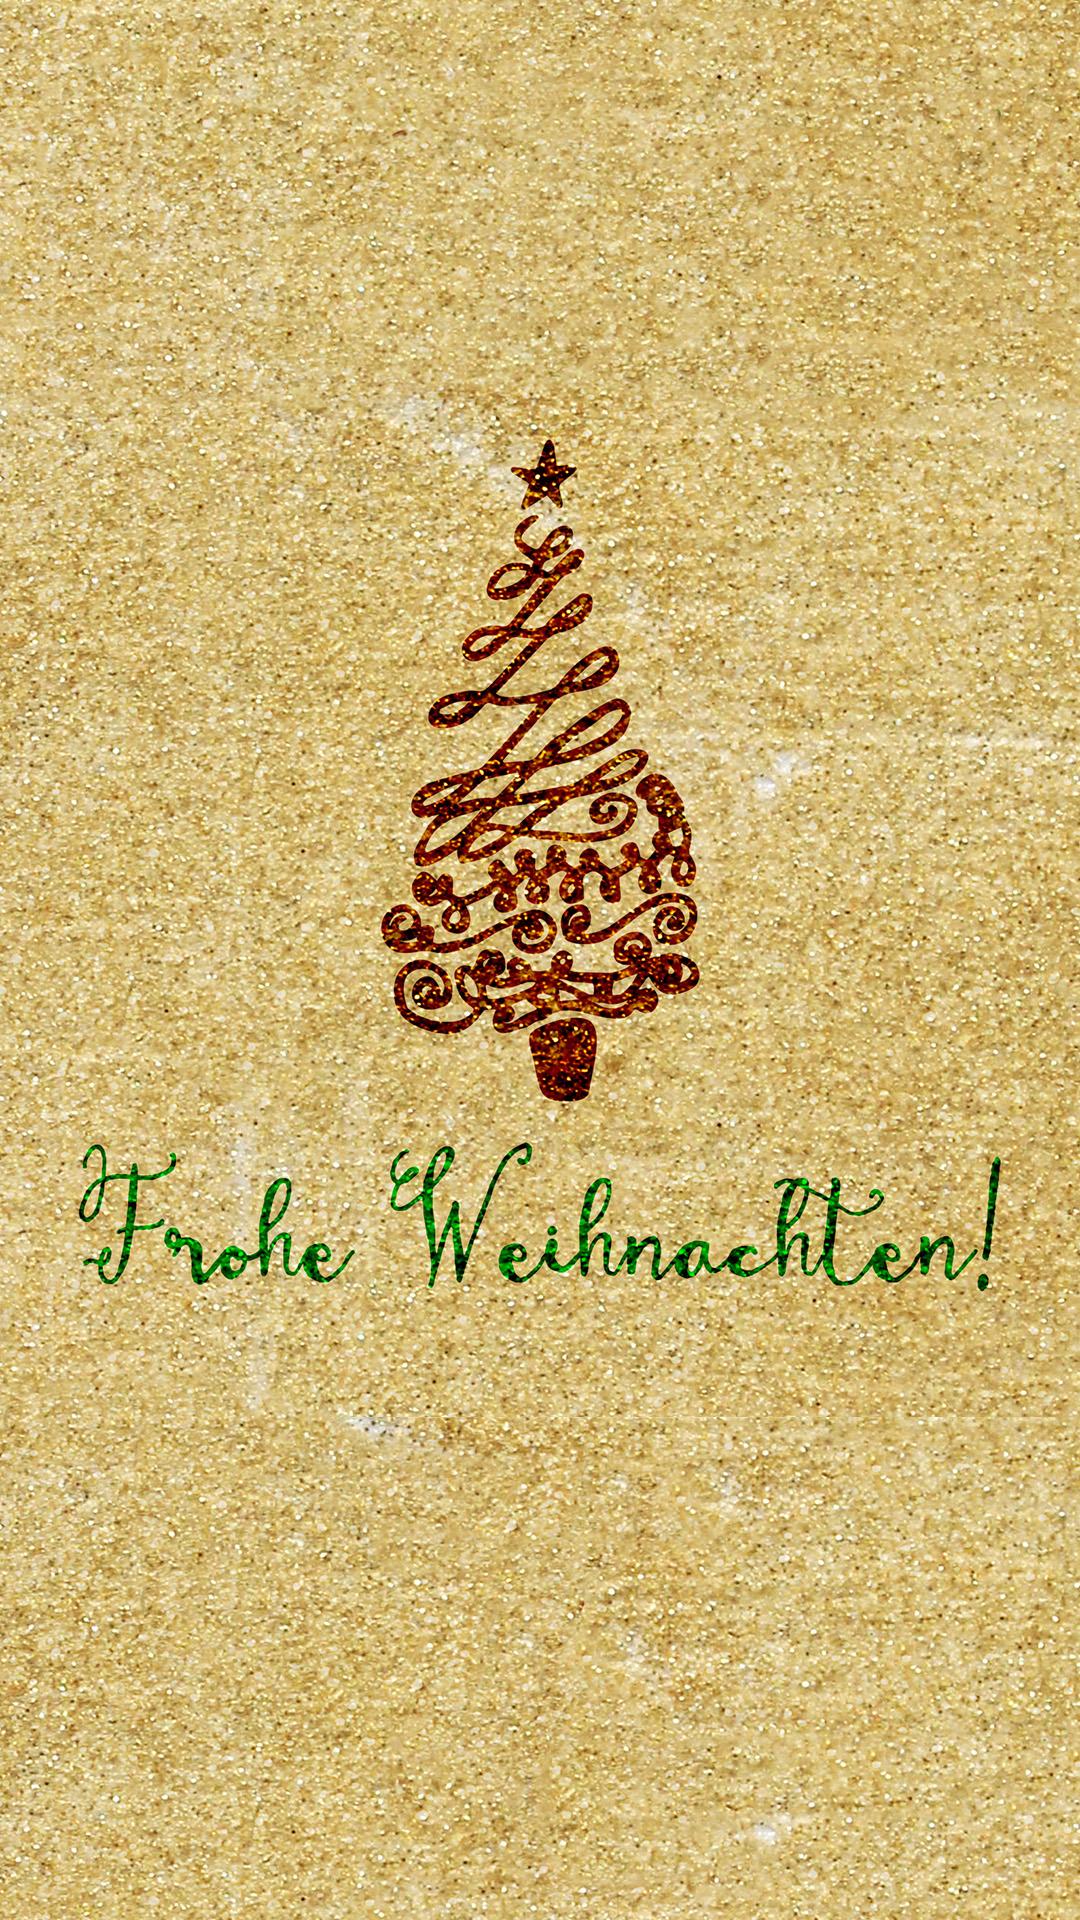 Frohe Weihnachten Download.Frohe Weihnachten Handy Hintergrundbilder Kostenlos